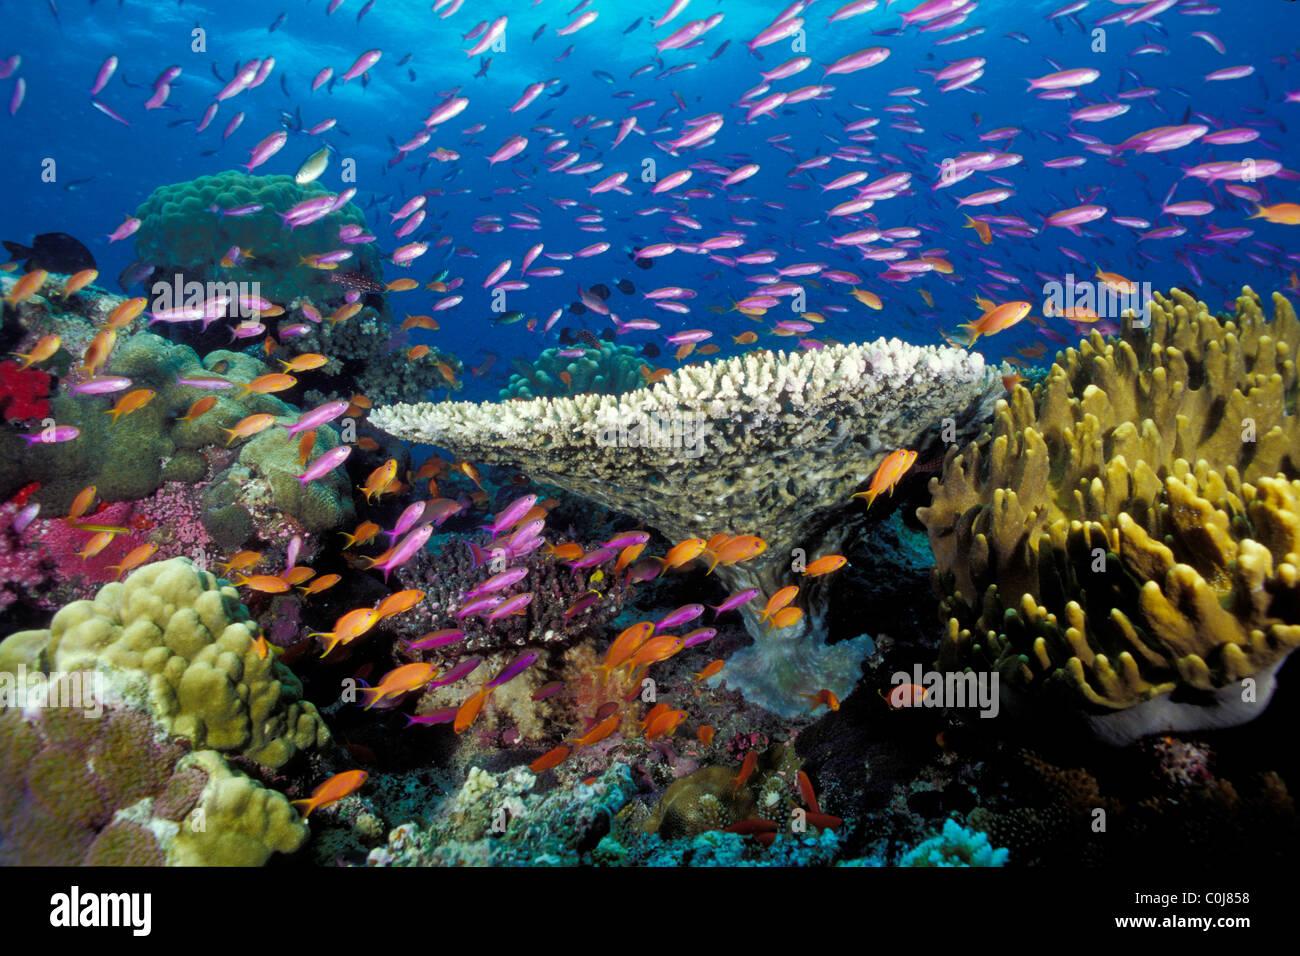 Les récifs coralliens tropicaux, de Fidji, de l'Océan Pacifique Photo Stock